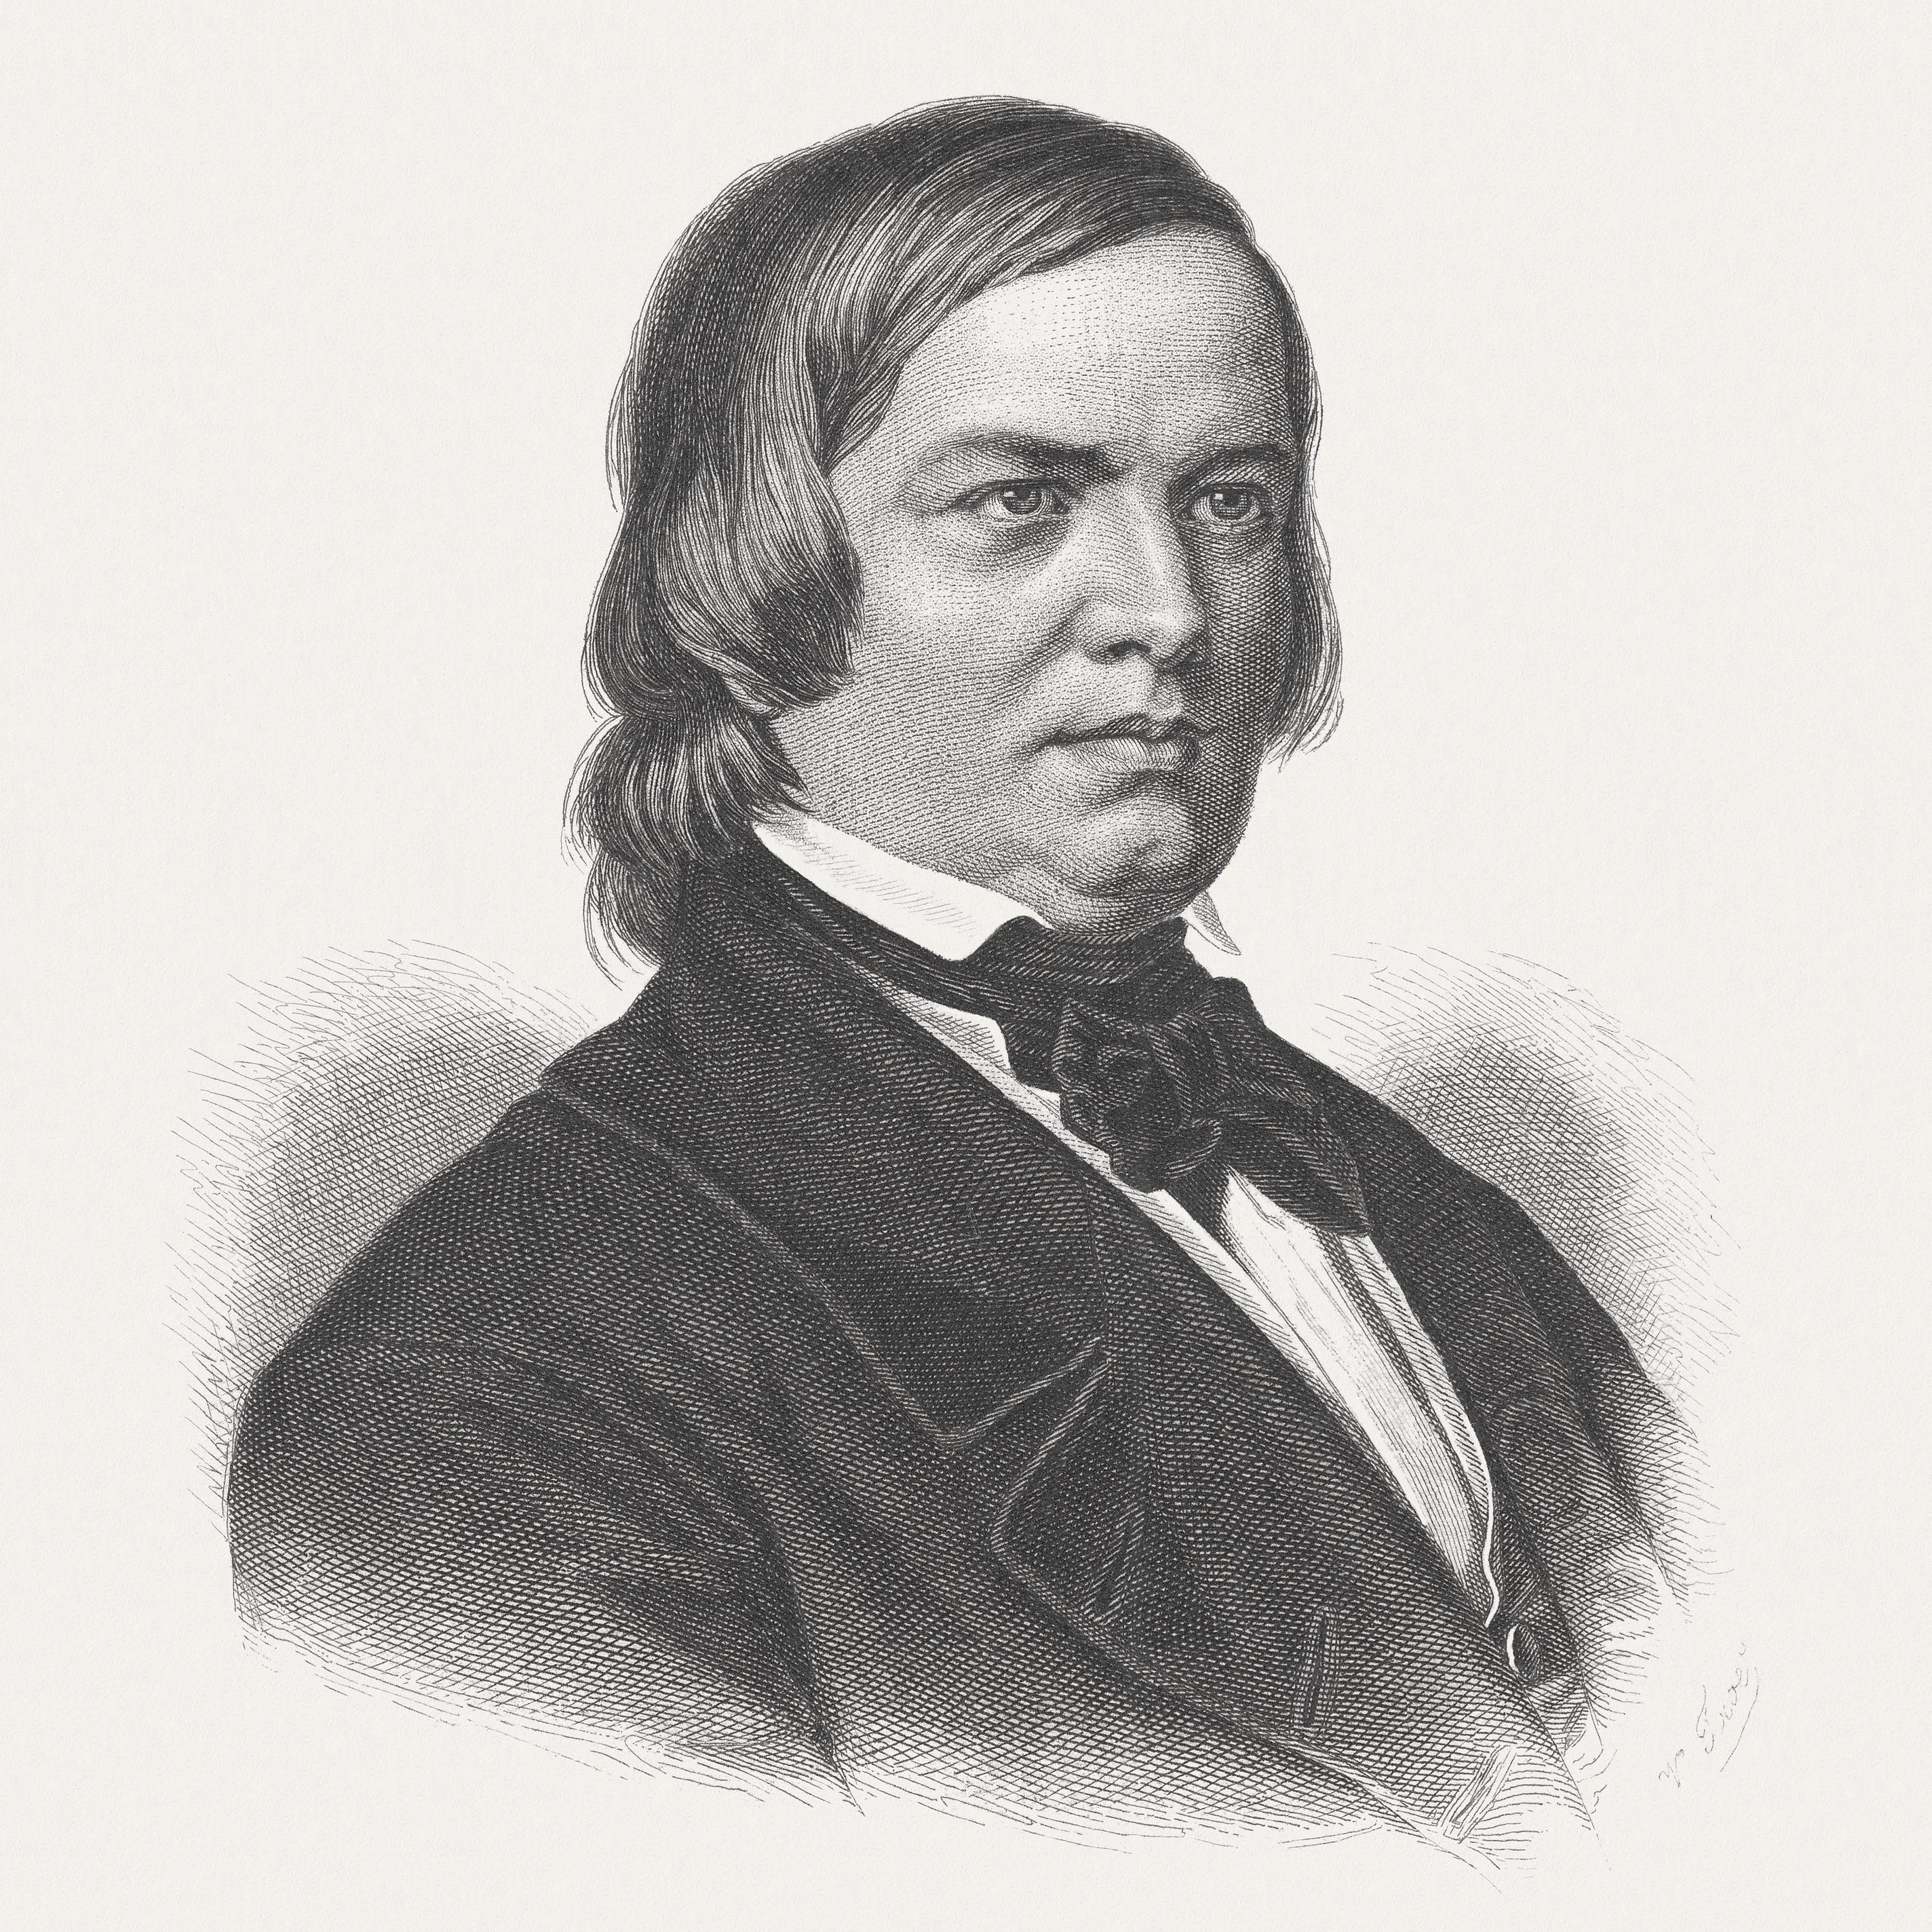 Robert Schumann (German composer